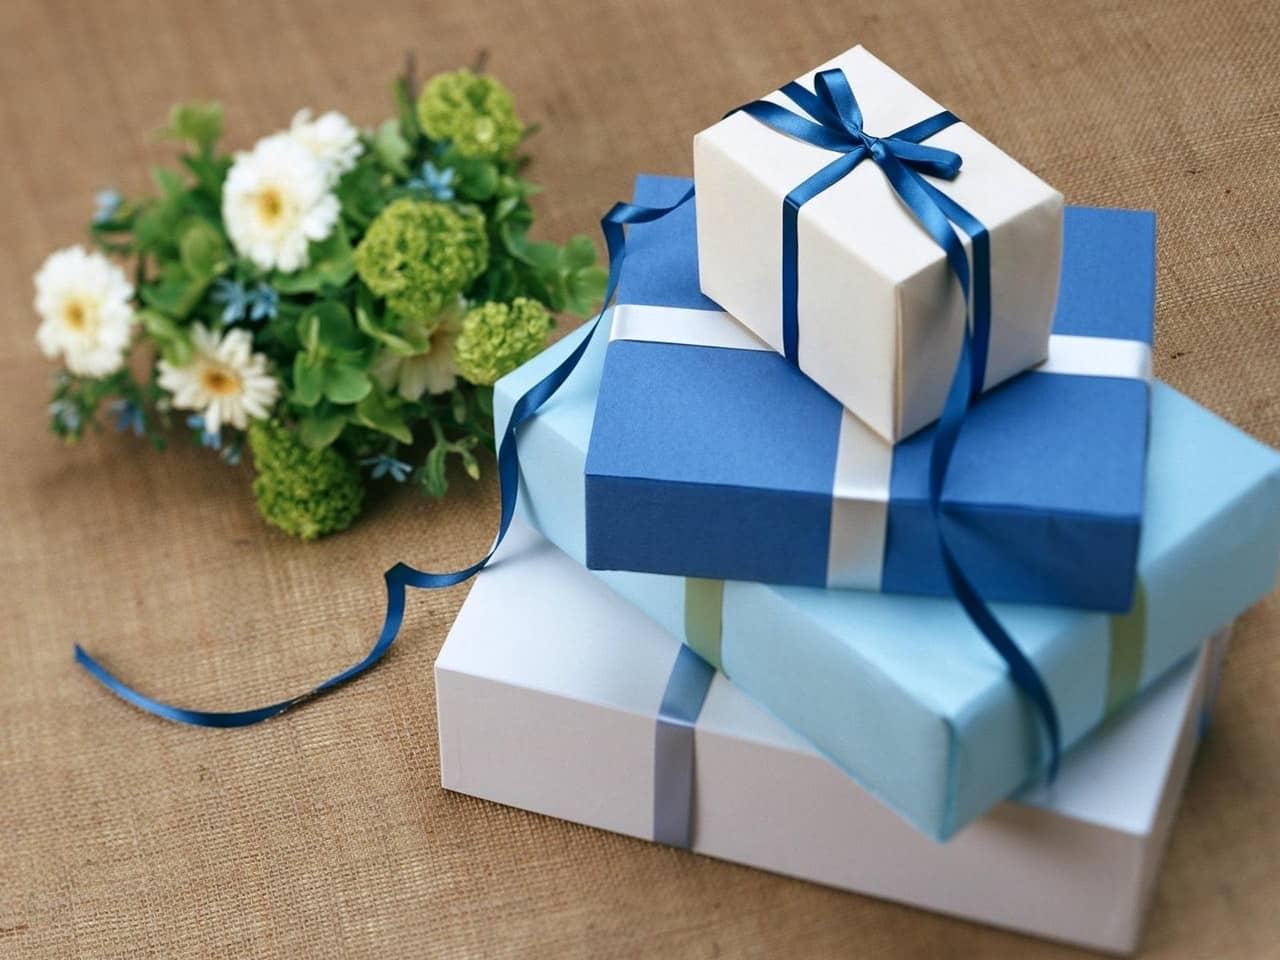 Idee regalo originali per lei: decorazioni e gioielli fatti a mano